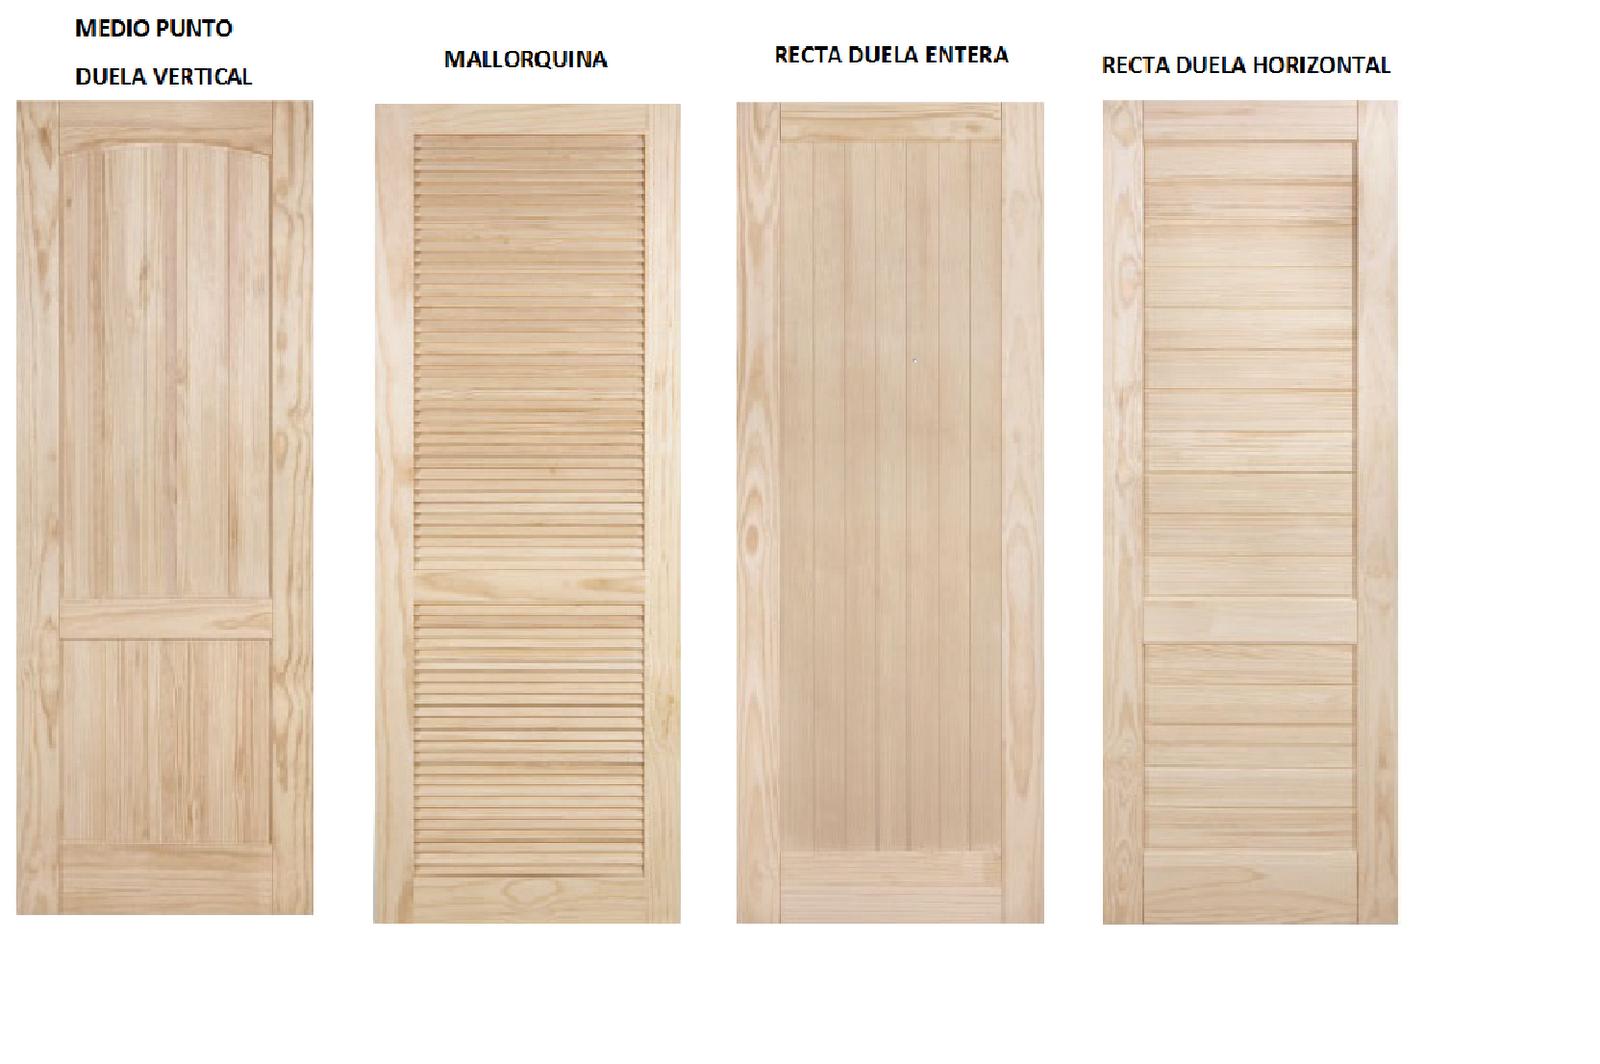 puertas de exterior e interior puertas macizas en madera